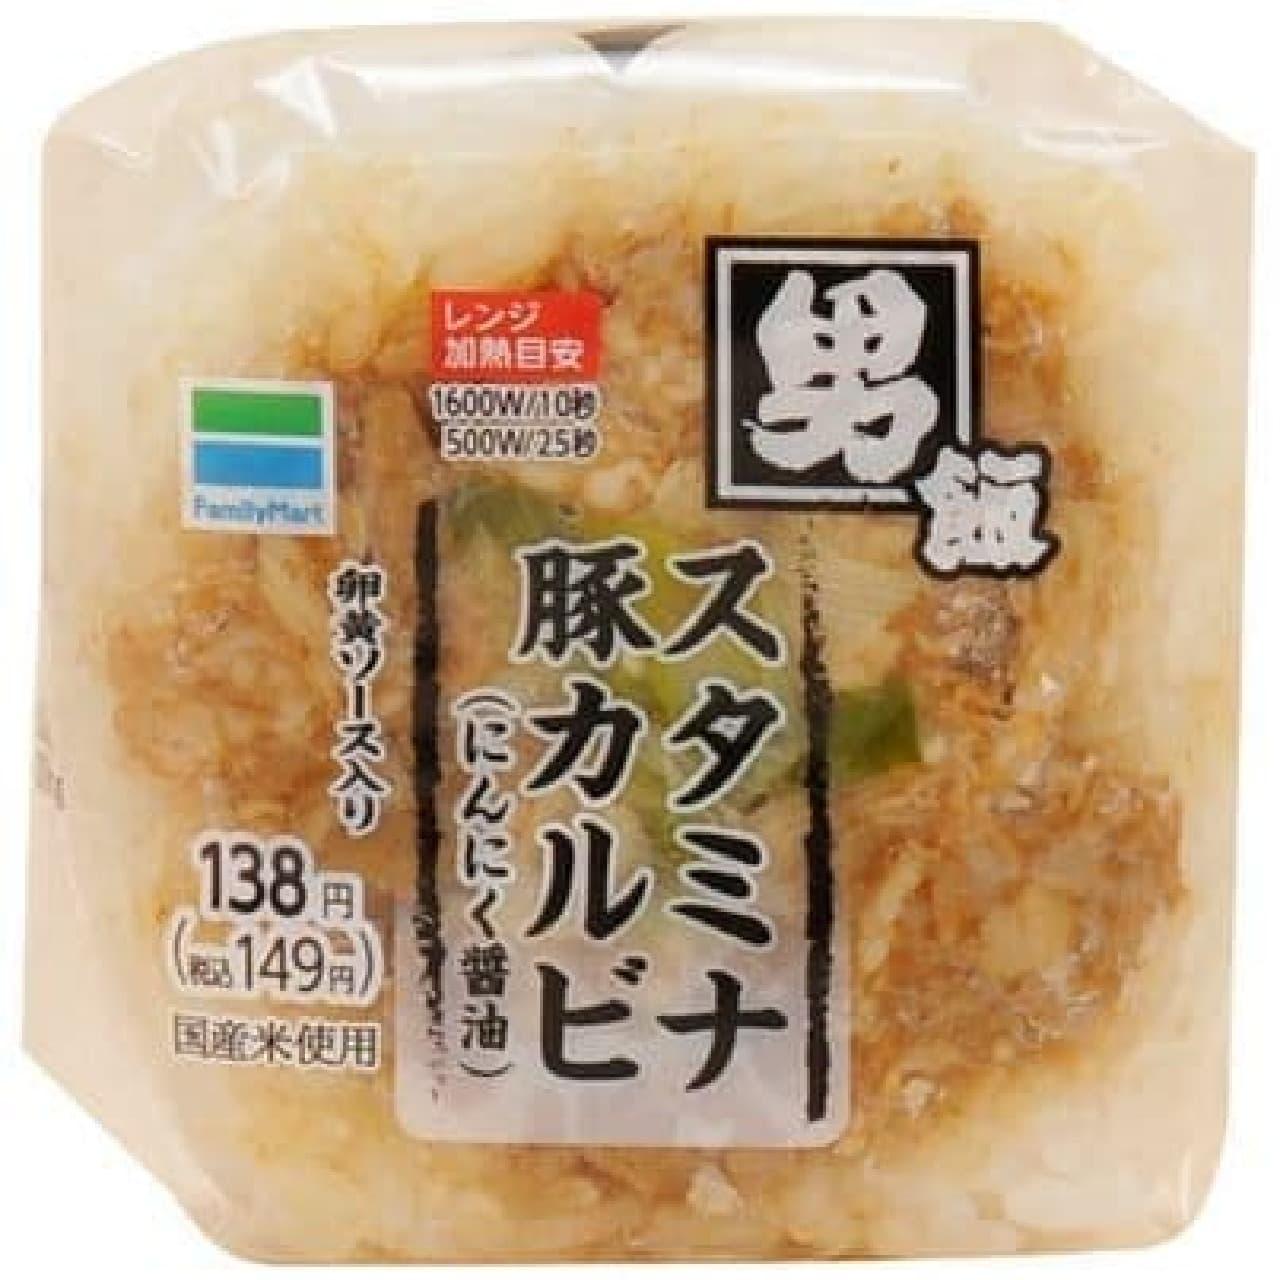 ファミリーマート「男飯 スタミナ豚カルビ(にんにく醤油)」